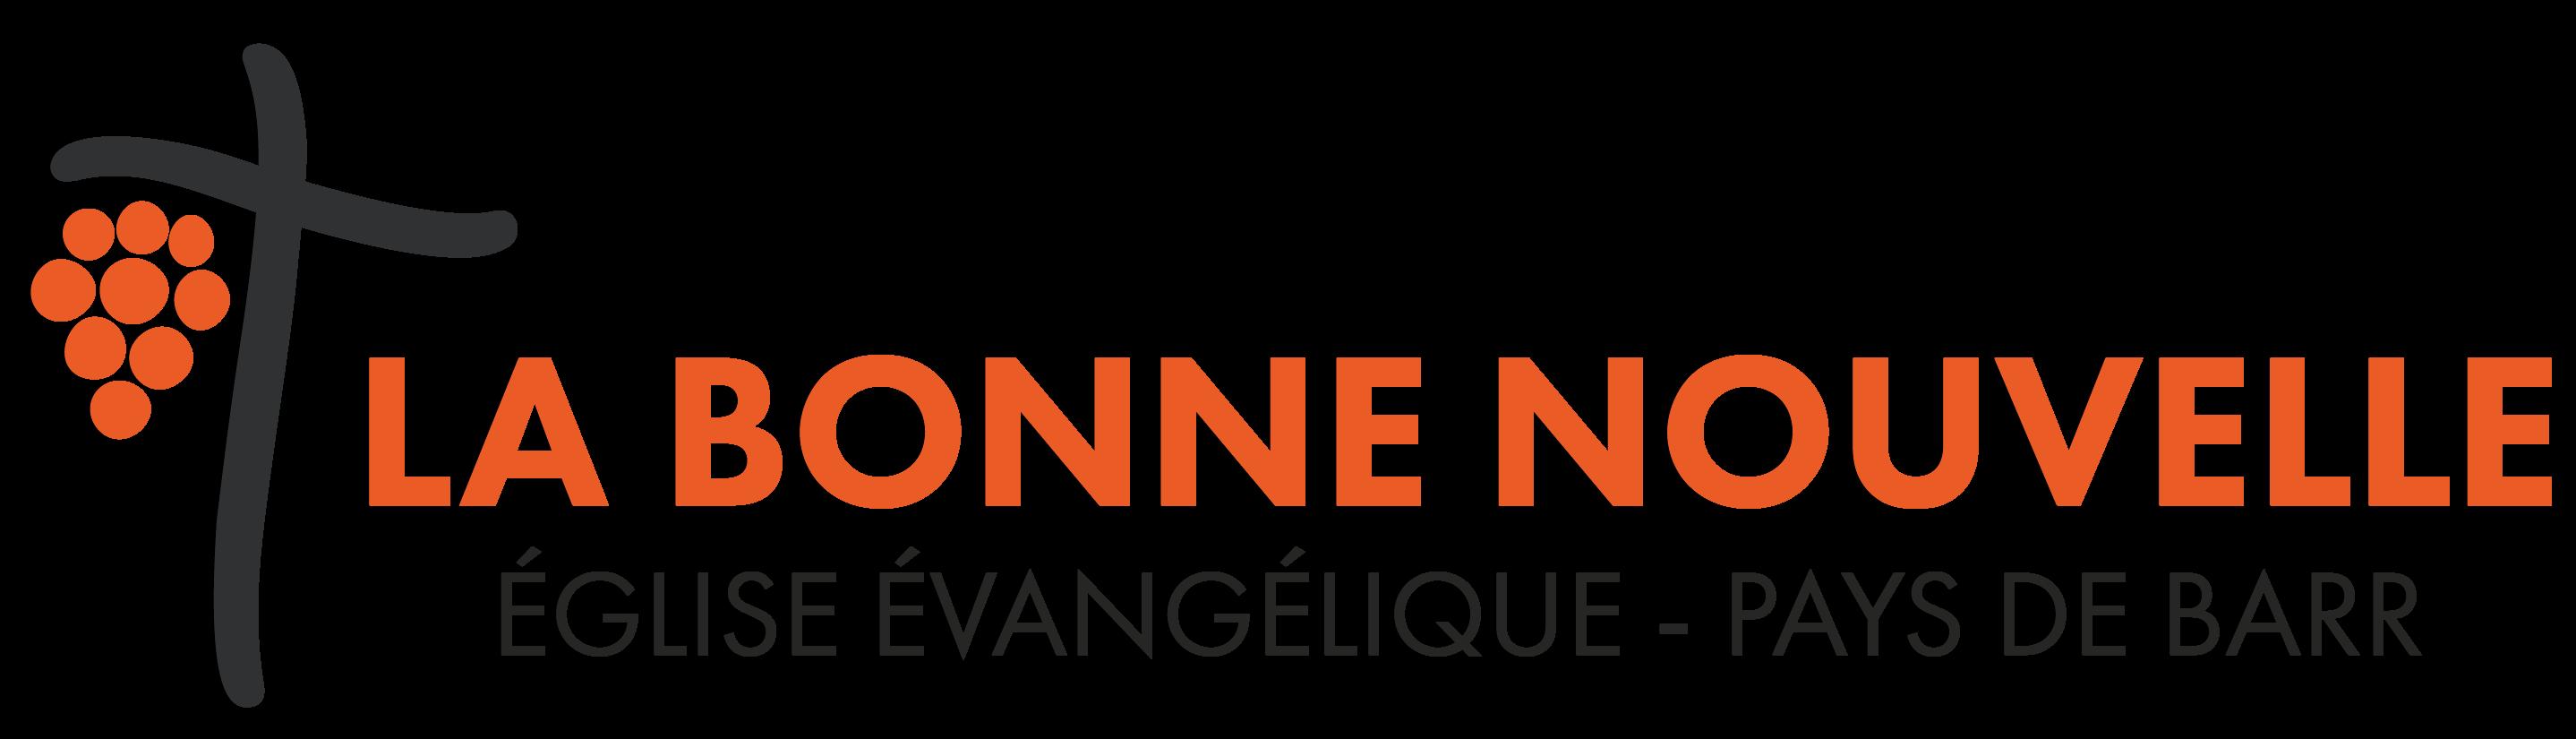 Eglise La Bonne Nouvelle